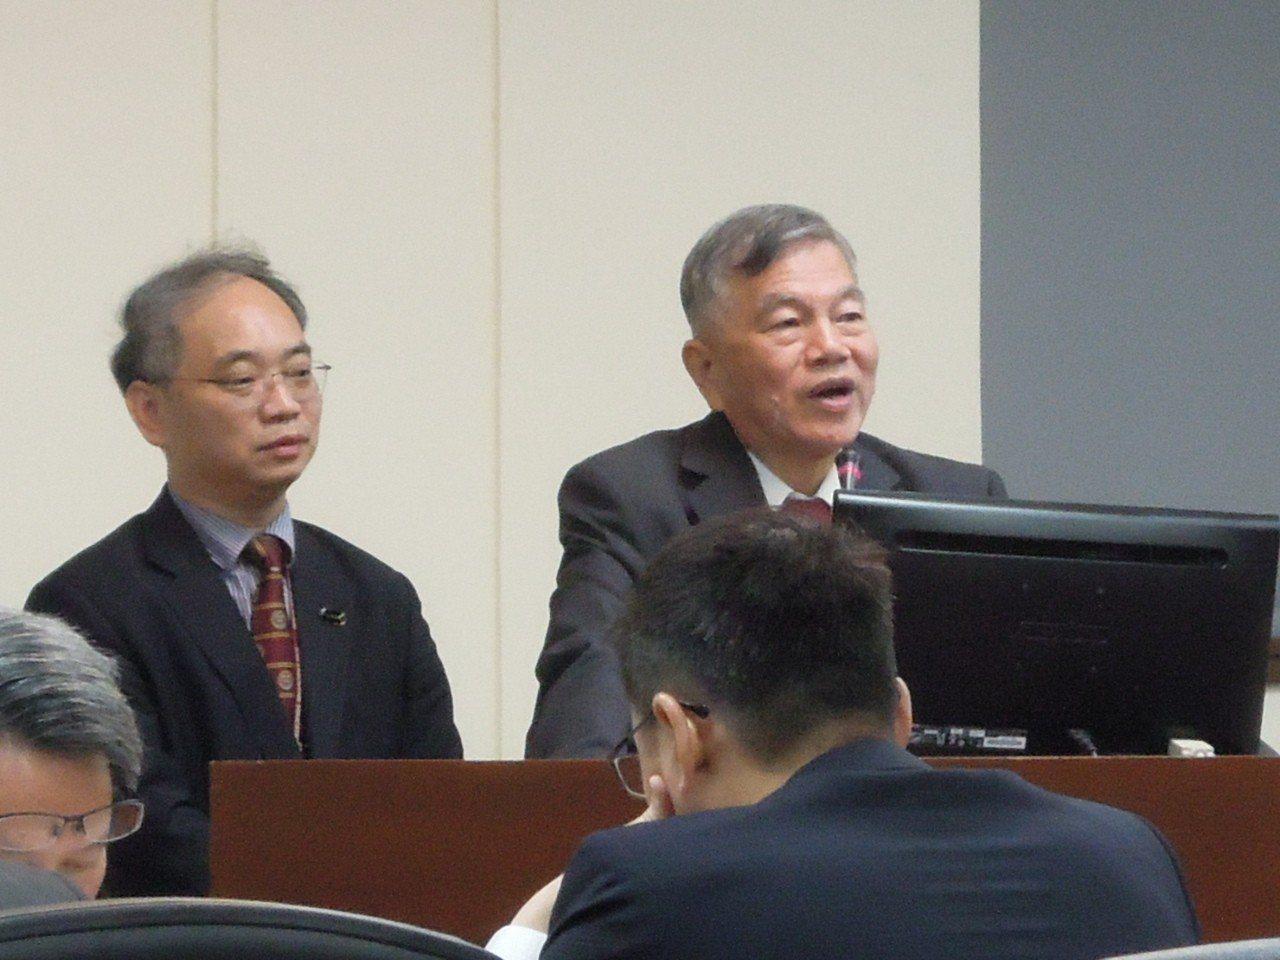 經濟部長沈榮津(右)、投審會執行秘書張銘斌。記者蔡敏姿攝影